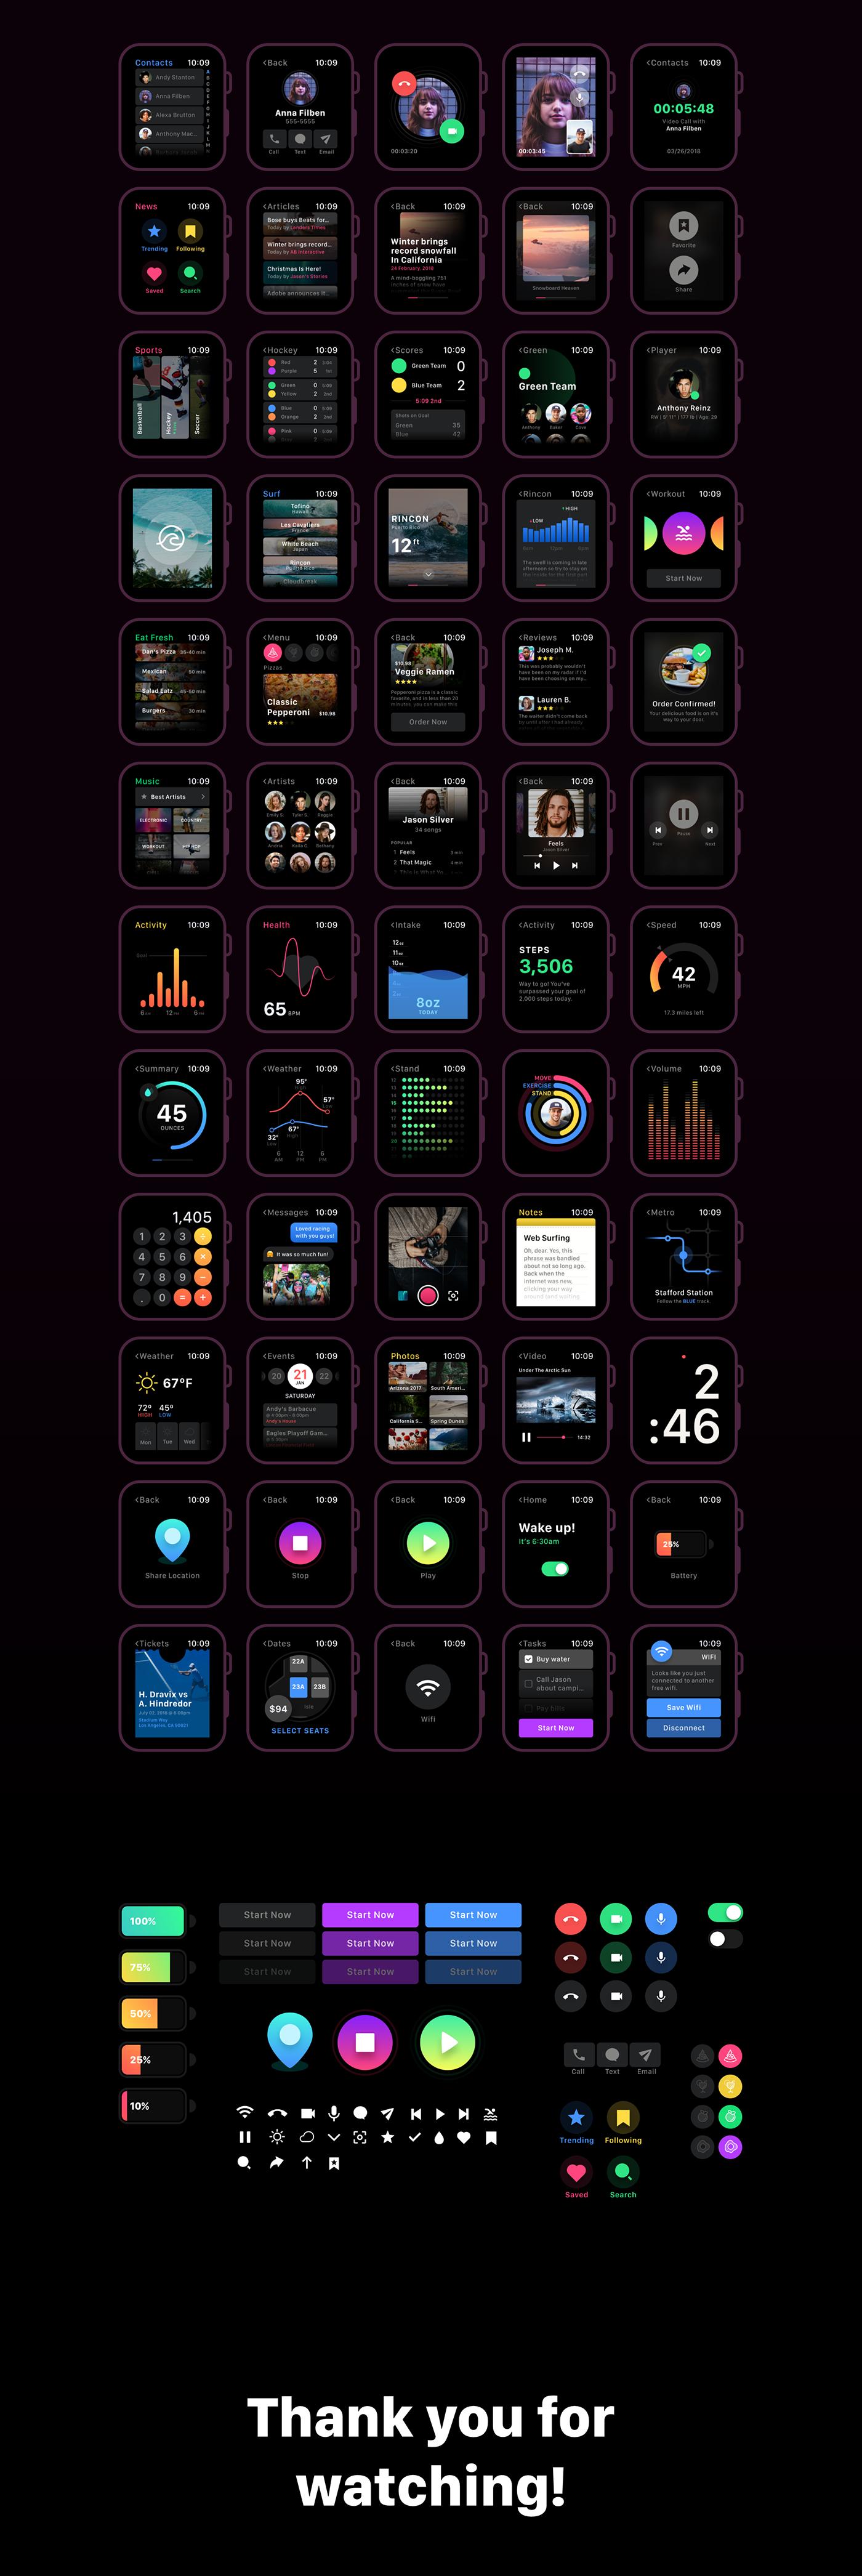 Adobe XD freebie ui kit smartwatch free ui kit xD